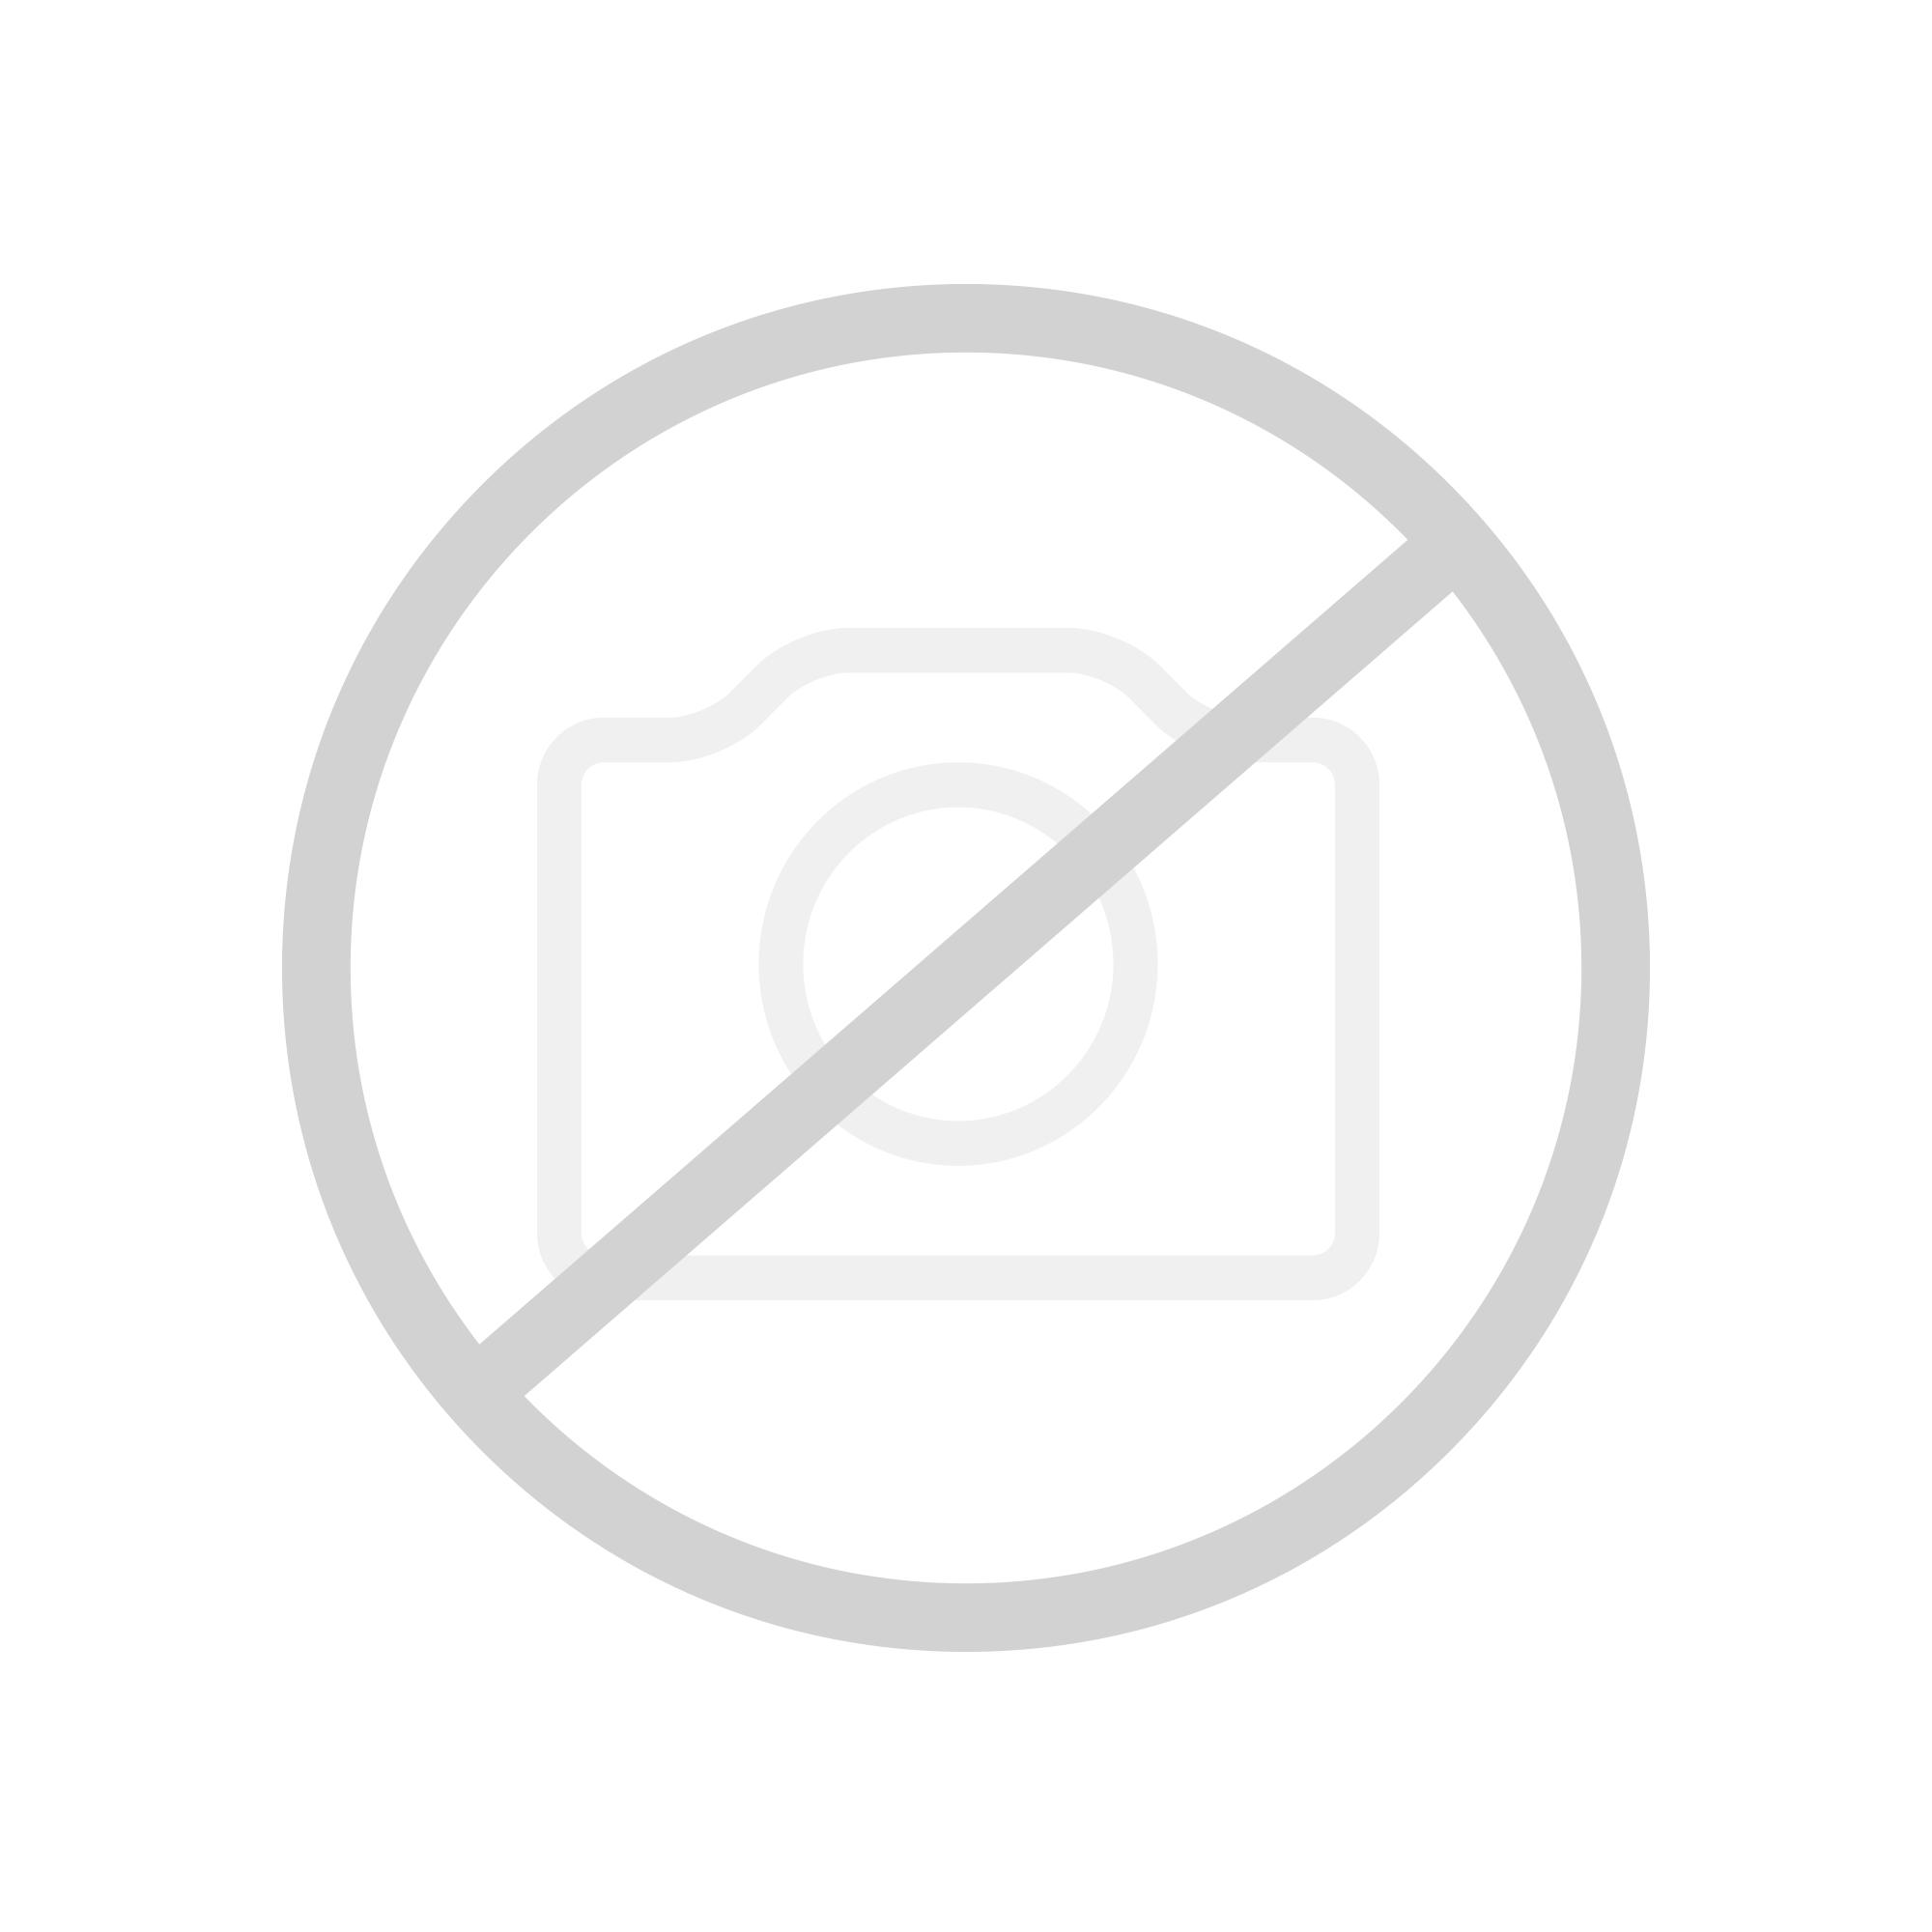 HSK ASP 300 Spiegelschrank Anschlag links   1101045SL | Reuter